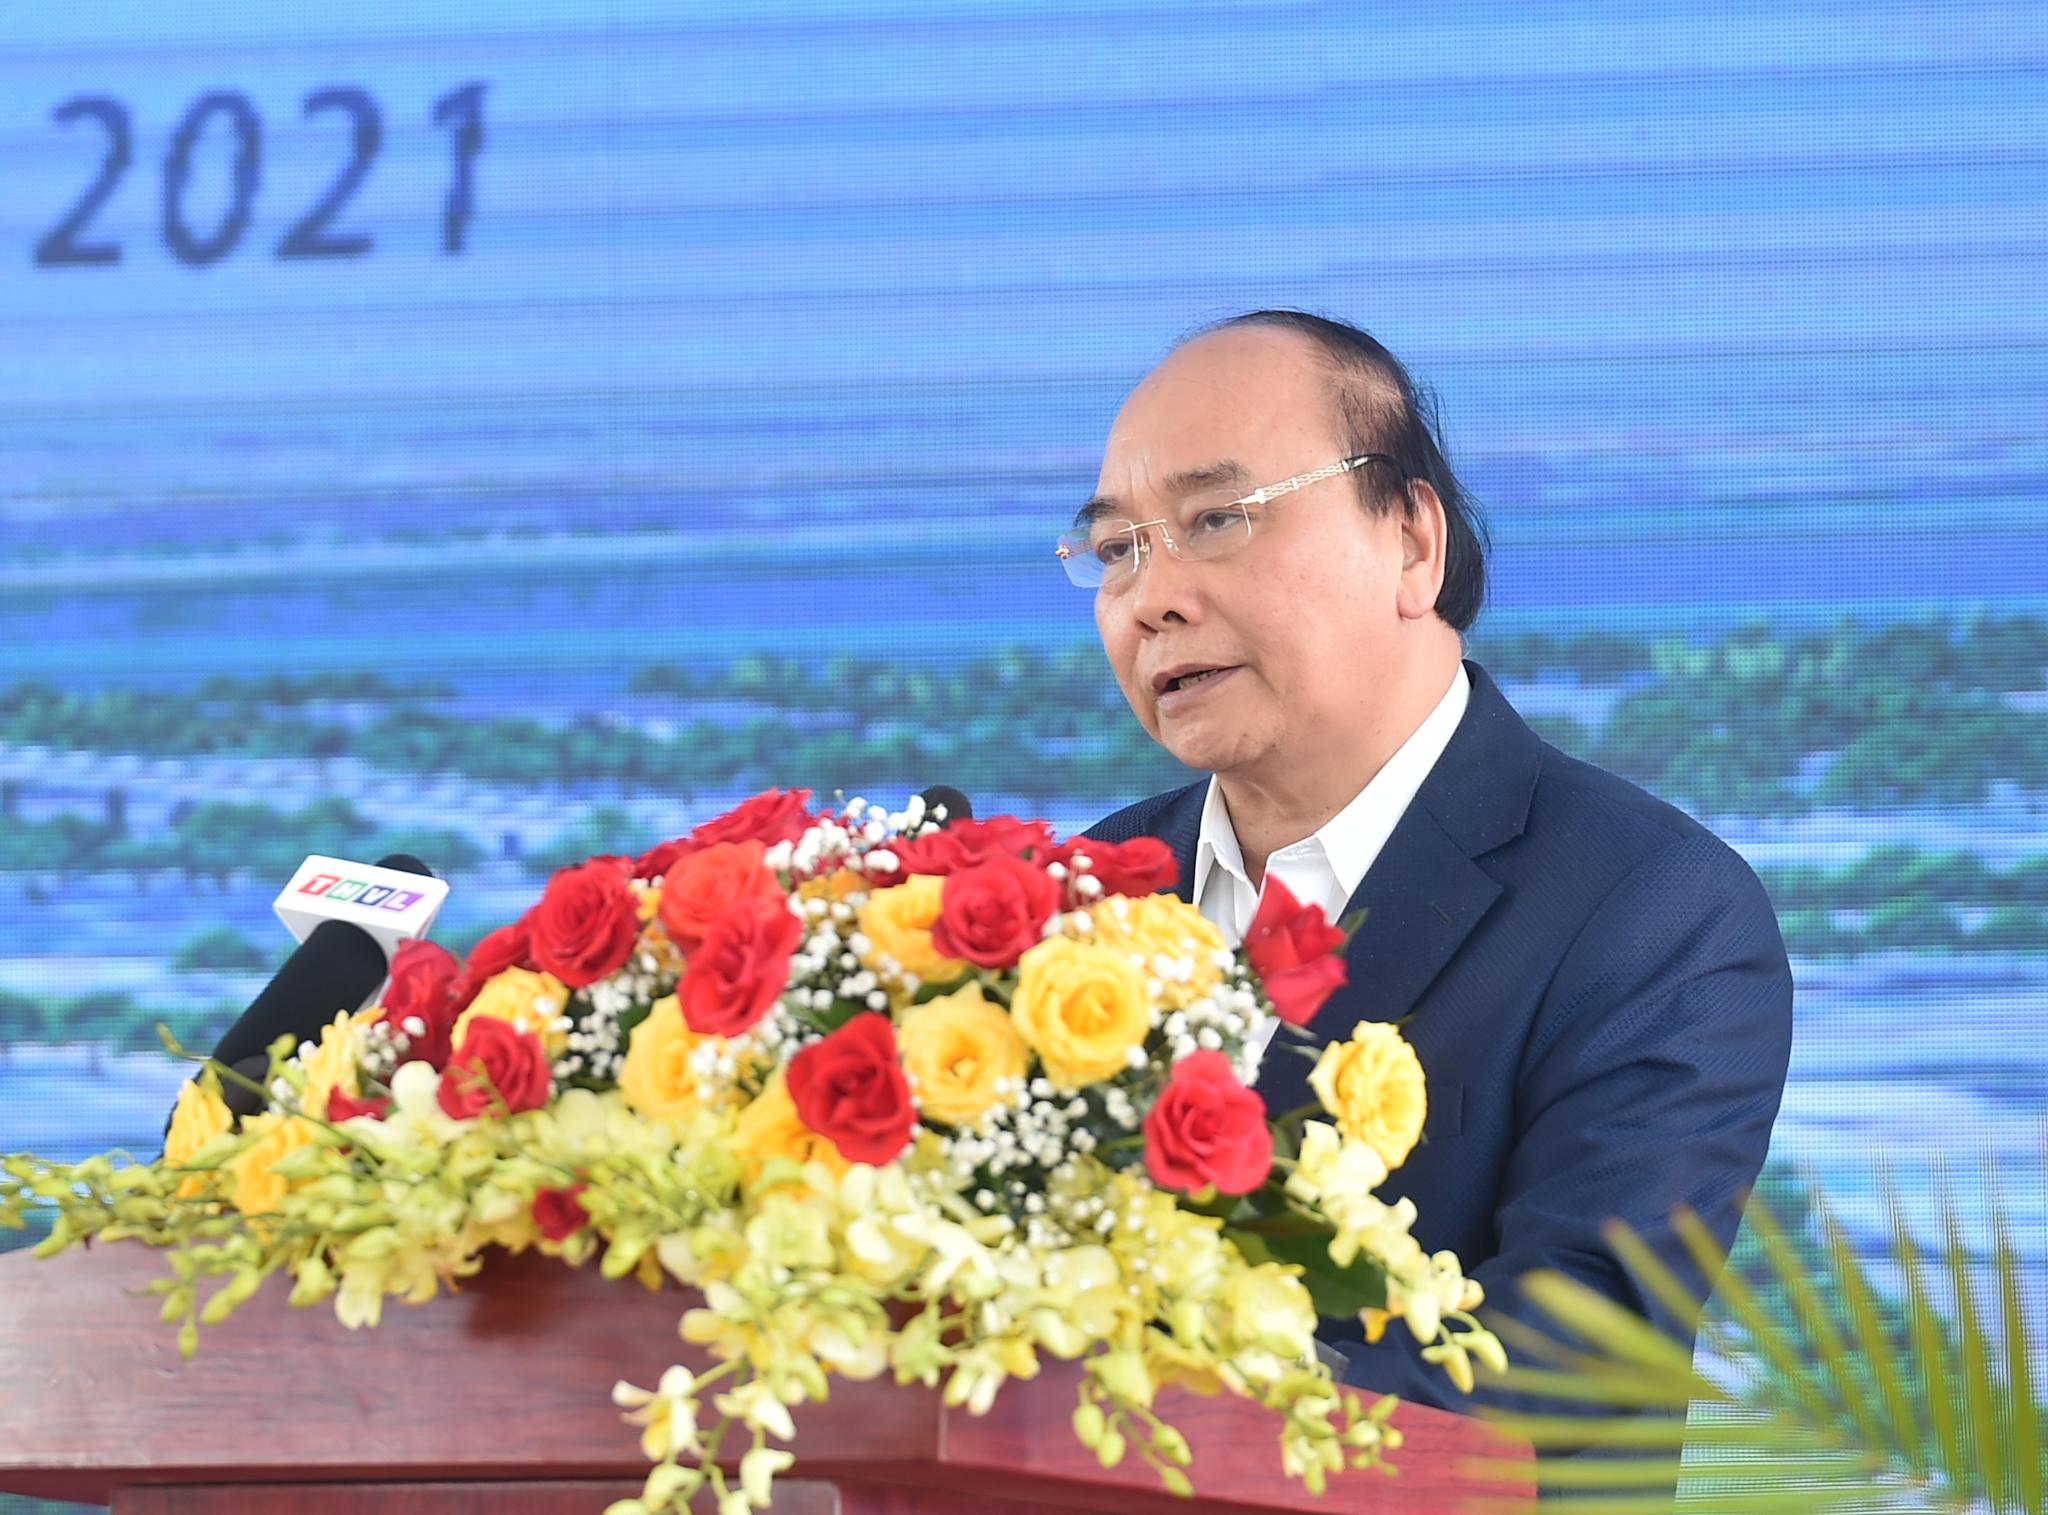 Cao tốc Mỹ Thuận - Cần Thơ đáp ứng nhu cầu 20 triệu dân chính thức khởi công - Ảnh 1.